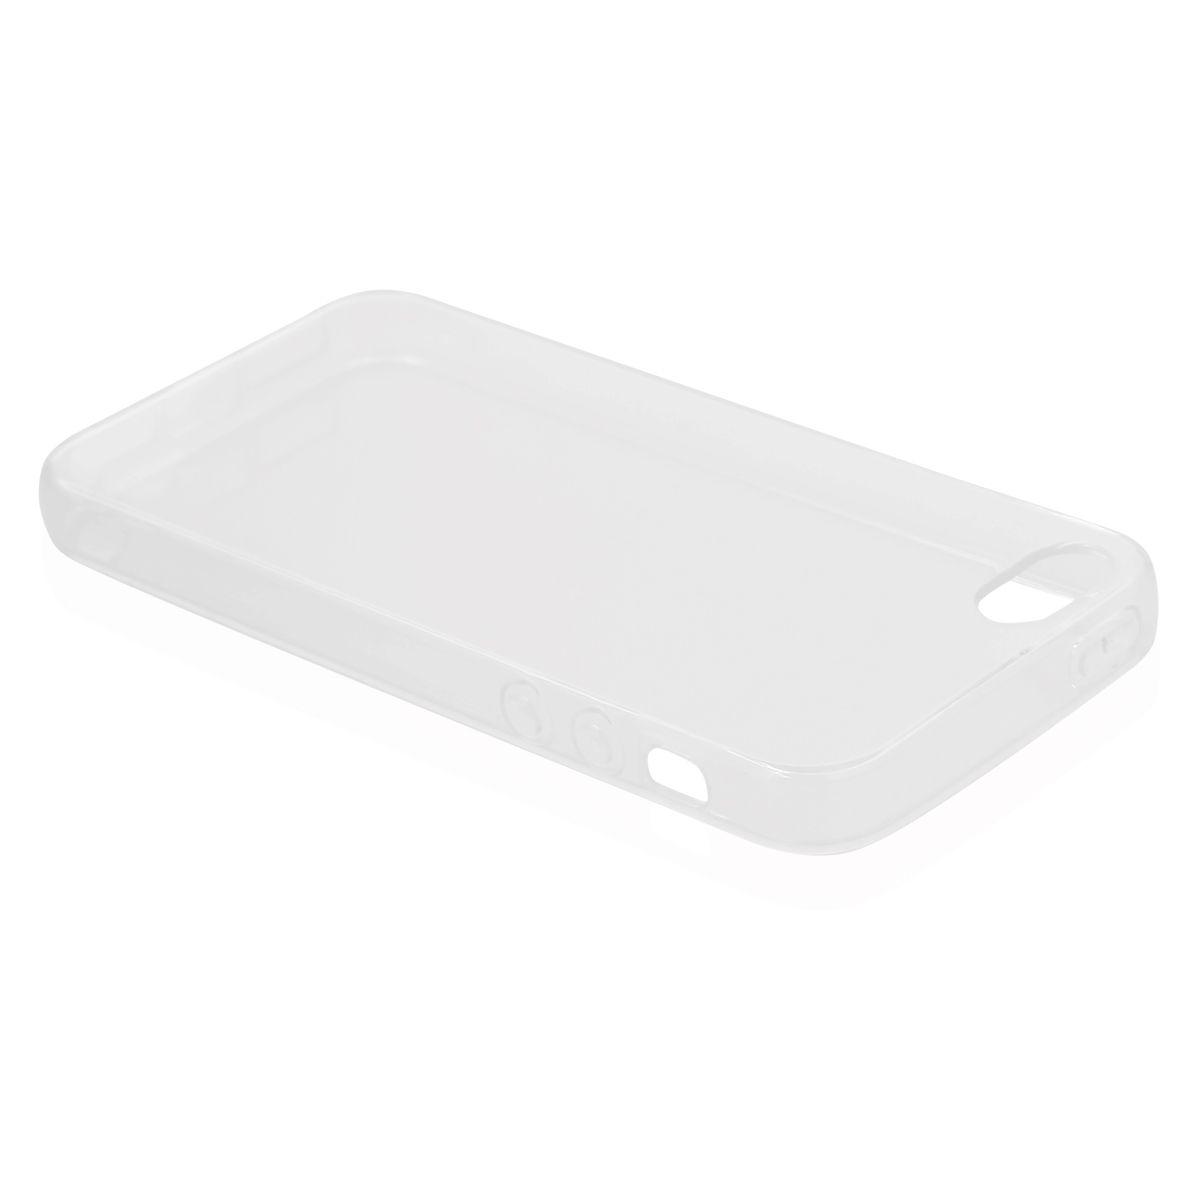 Pouzdro Jelly Case na iPhone 5 / 5s čiré